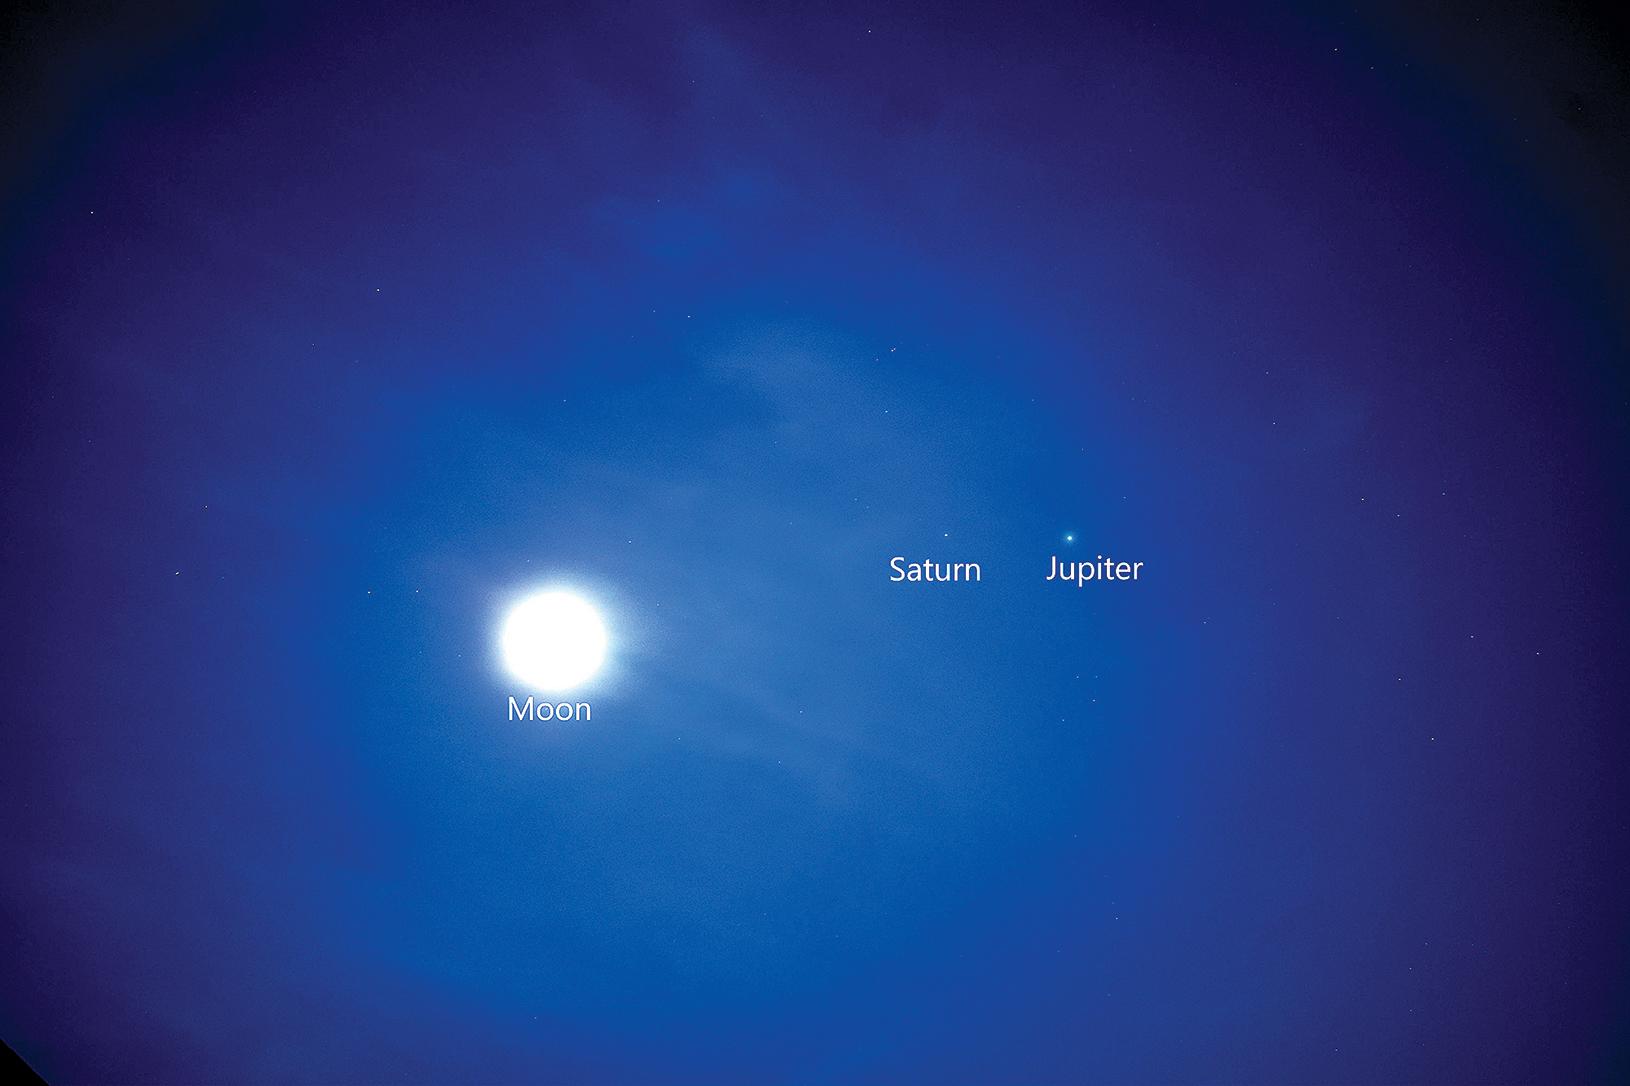 木星(Jupiter)、土星(Saturn)和月球(Moon)在夜空中的相對位置示意圖。(Shutter Stock)